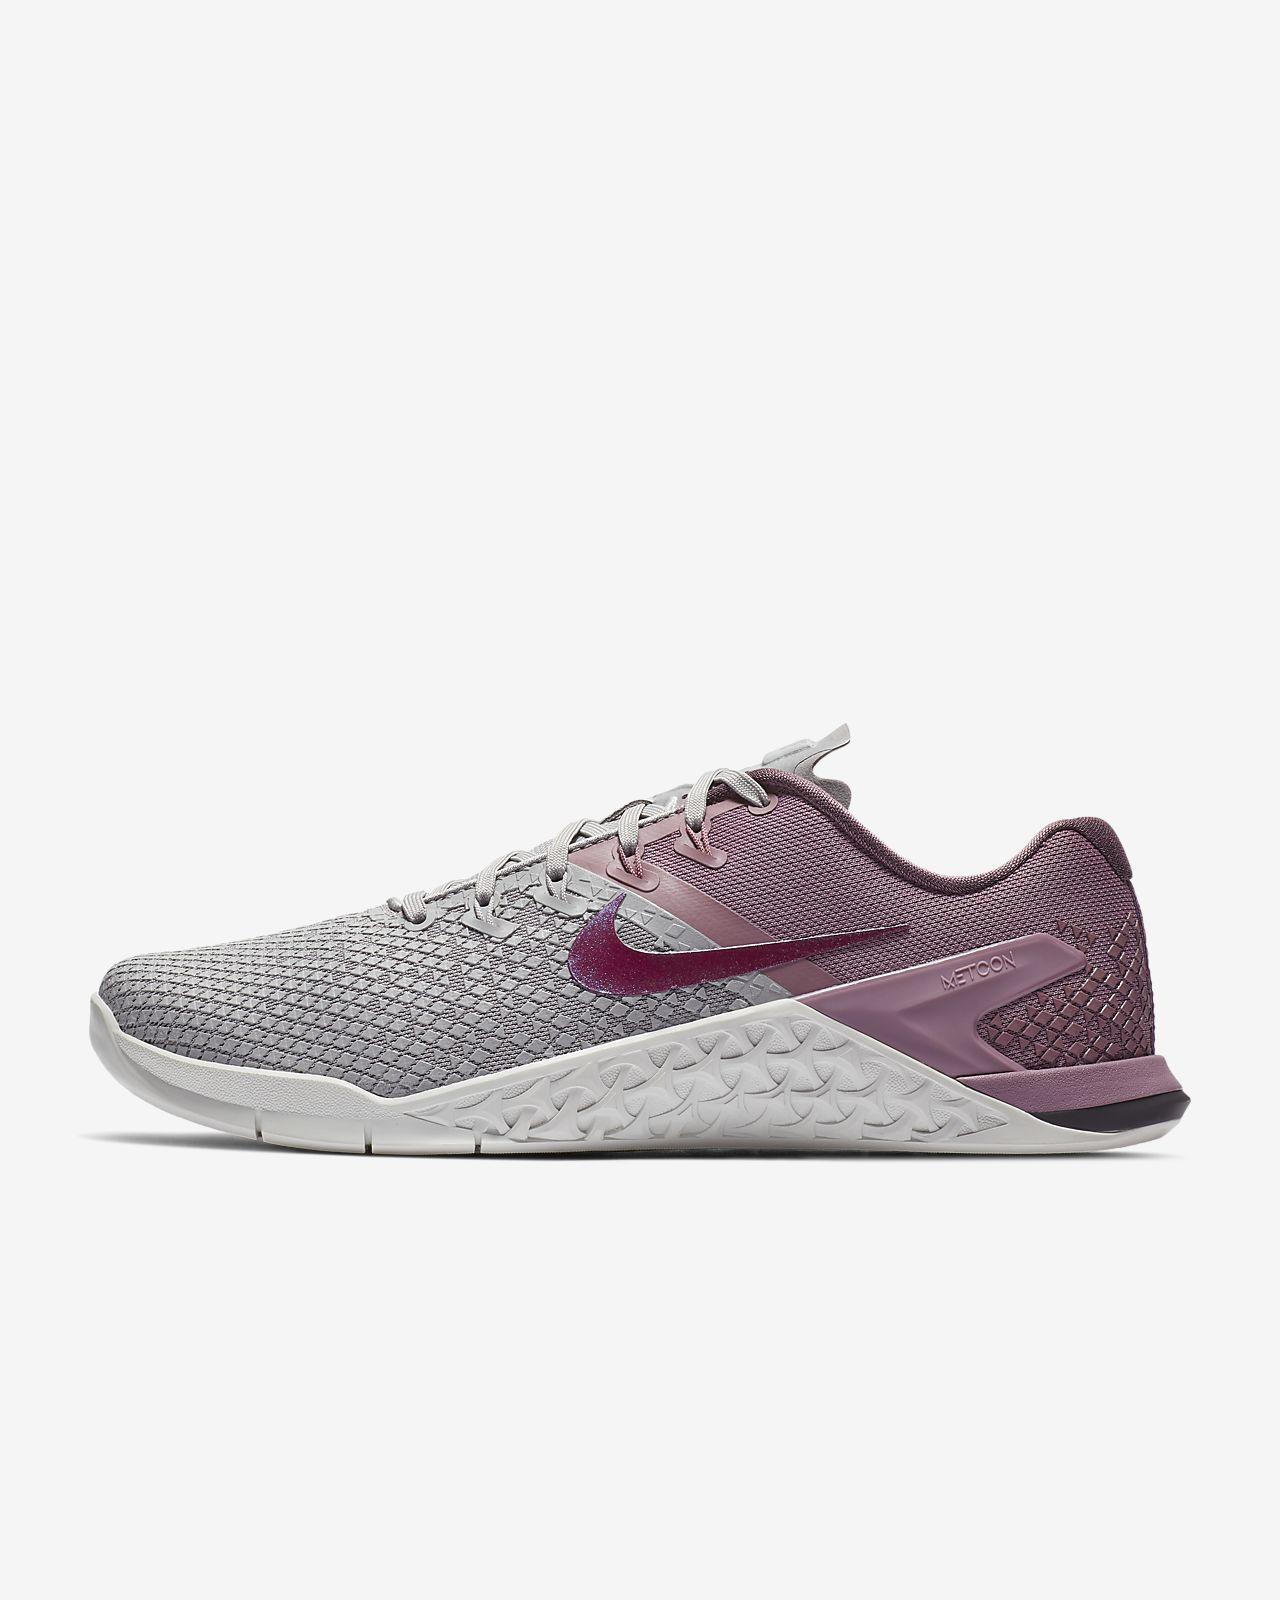 1e01713b41 ... Chaussure de cross-training et de renforcement musculaire Nike Metcon 4  XD pour Femme